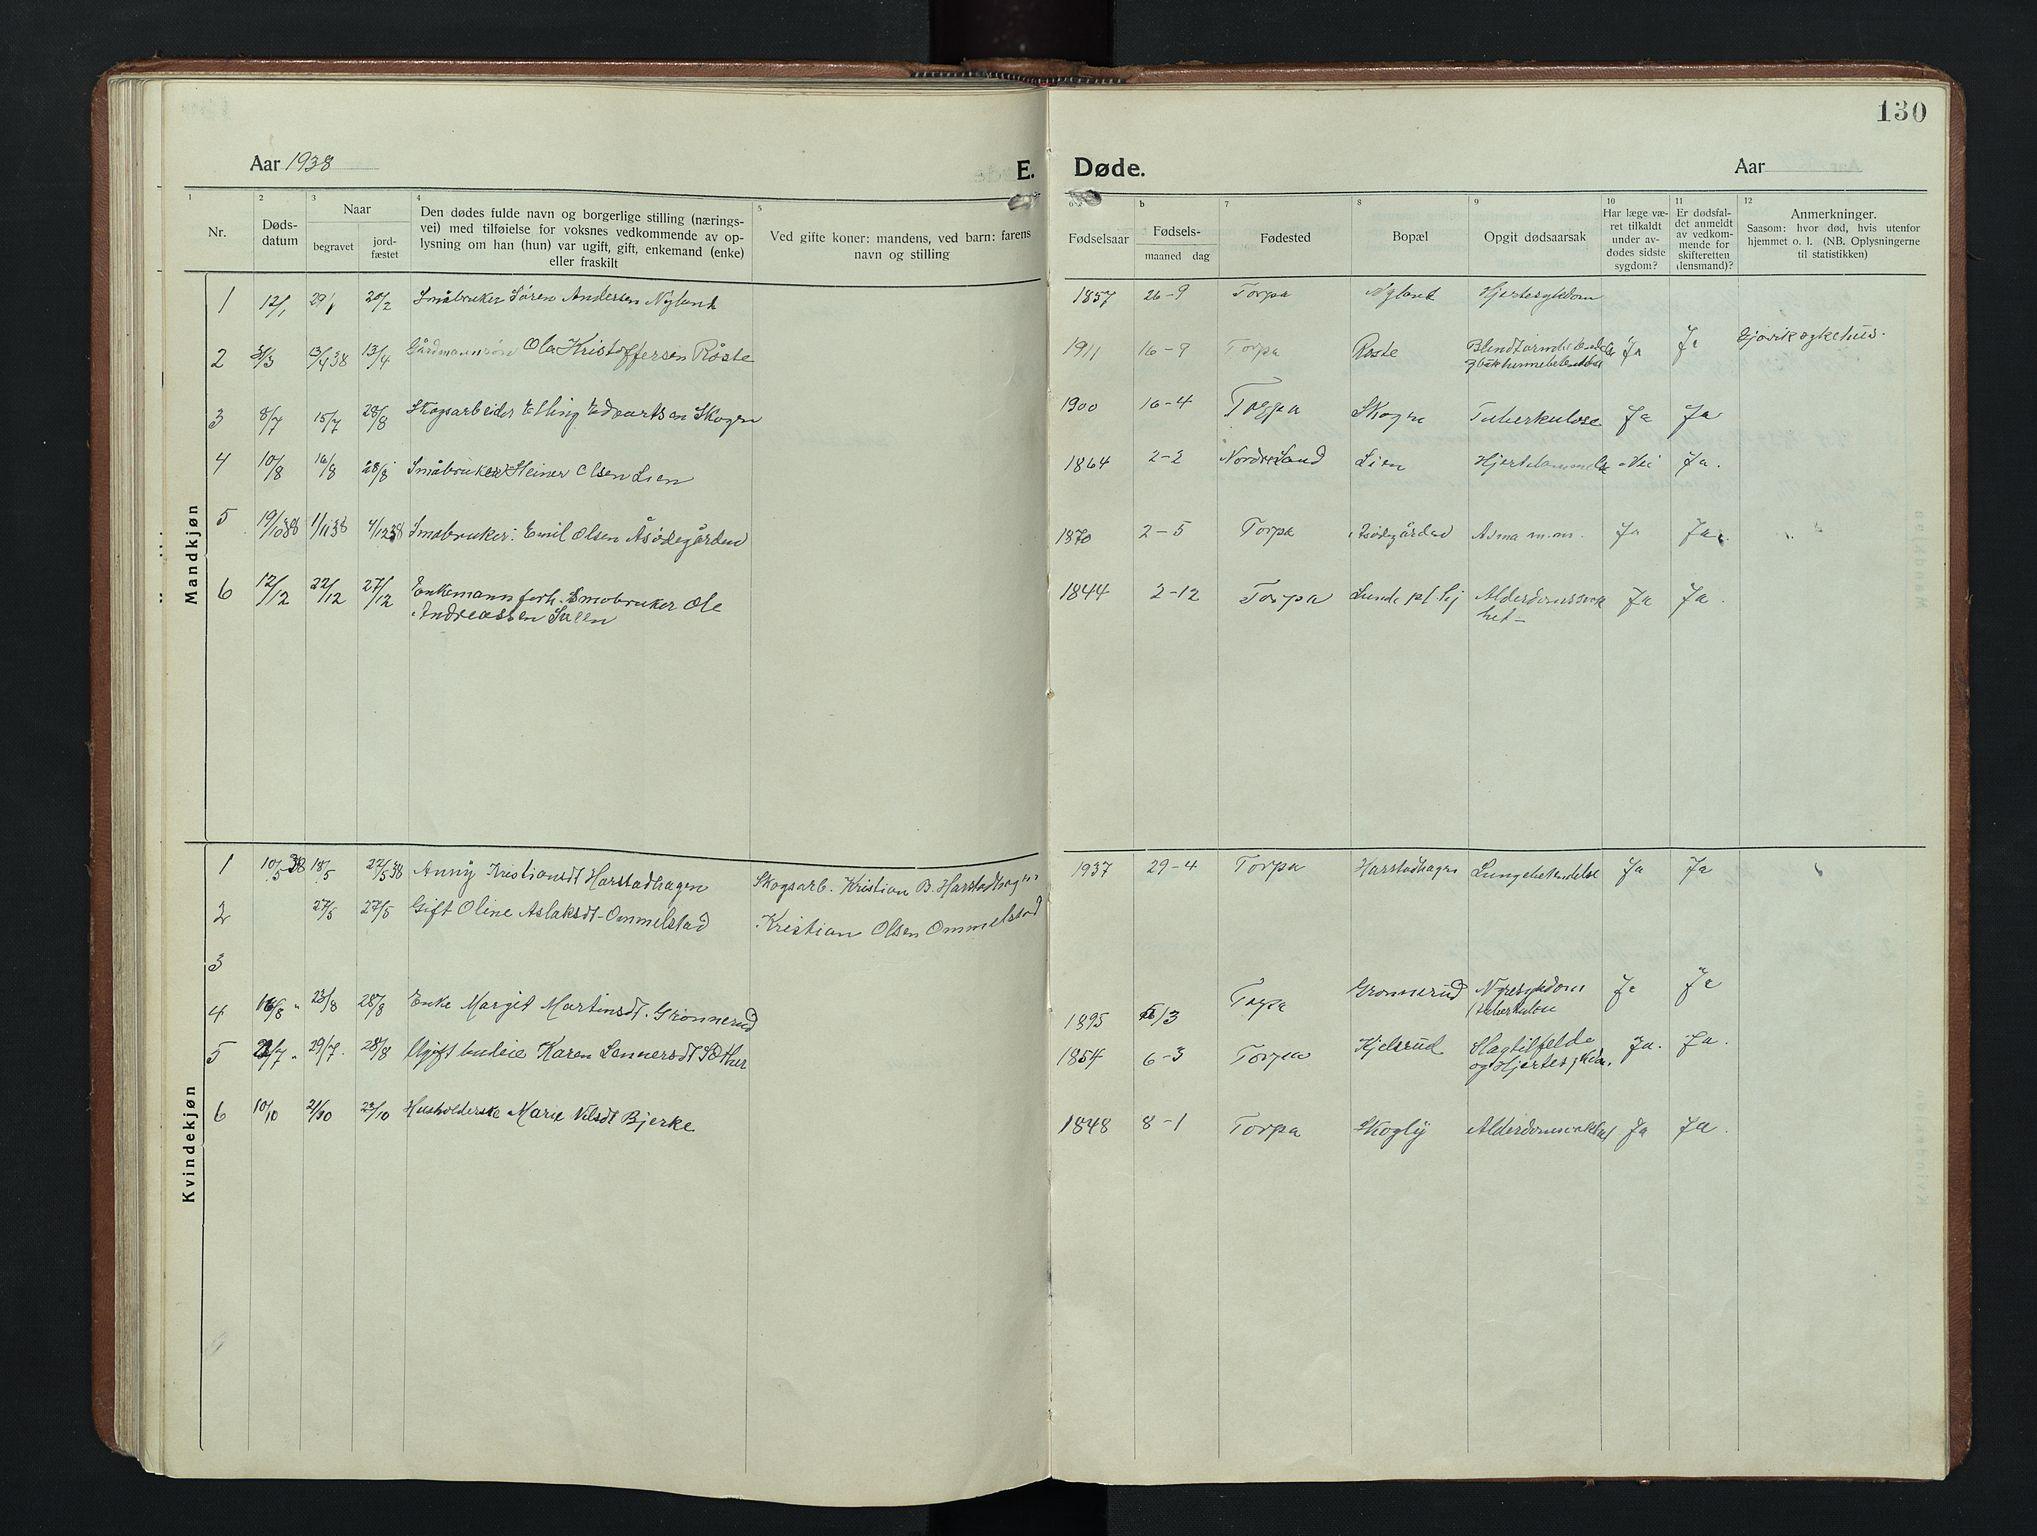 SAH, Nordre Land prestekontor, Klokkerbok nr. 9, 1921-1956, s. 130